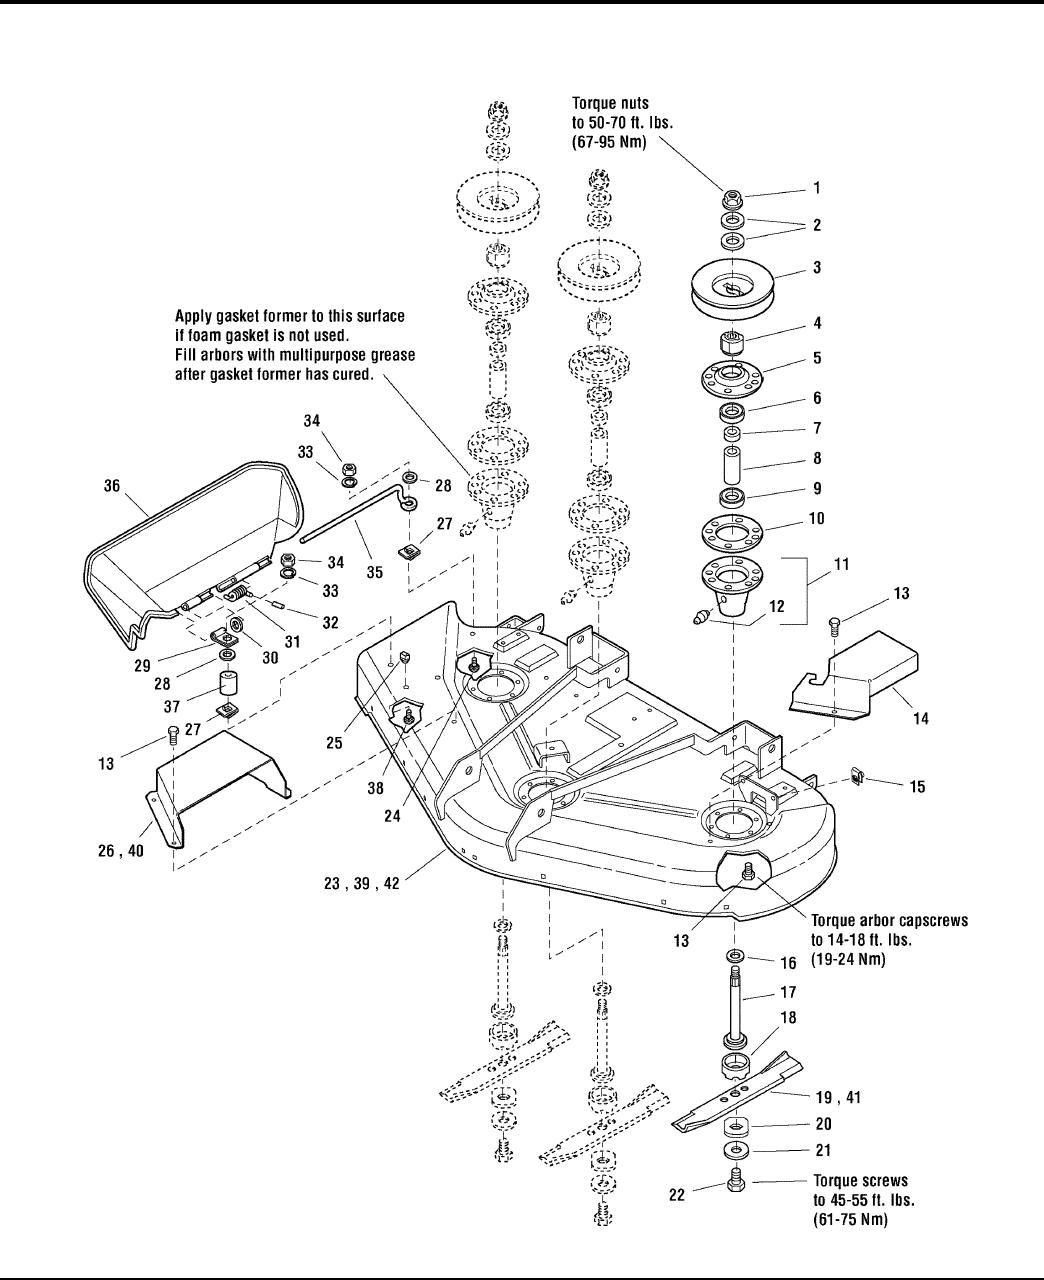 Simplicity 5900662 50 U0026quot Mower Manual Guide